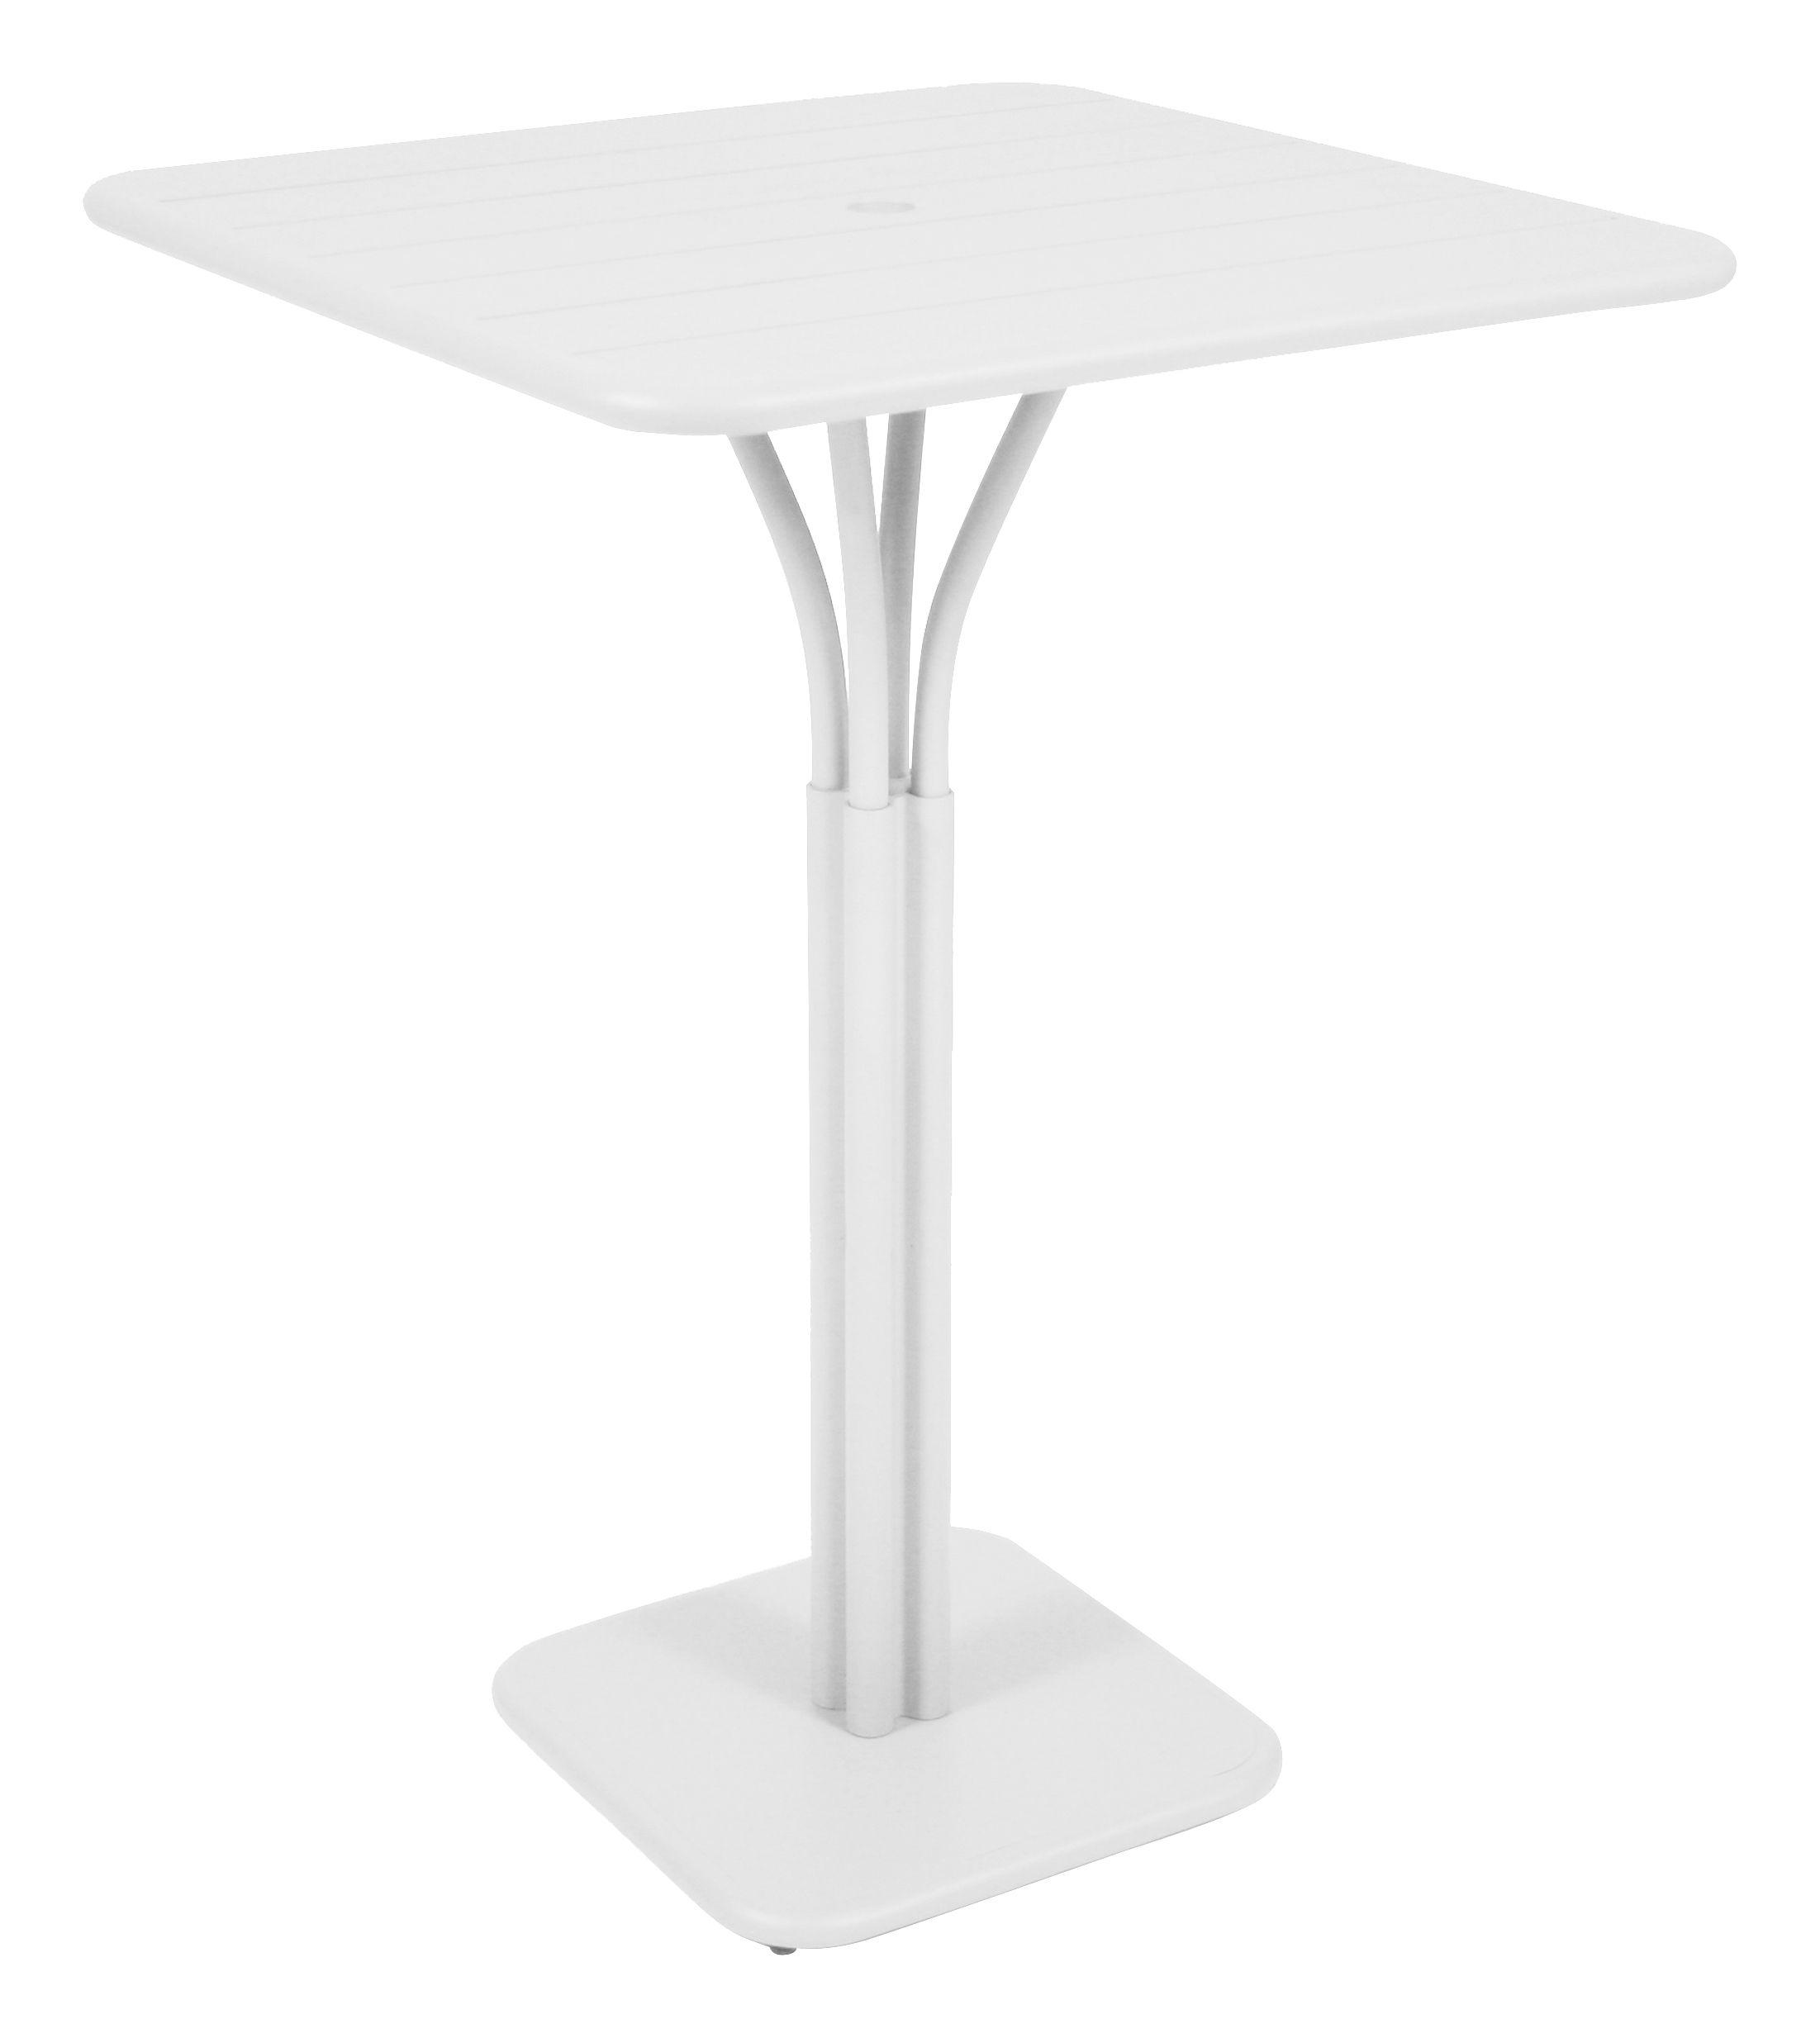 Möbel - Stehtische und Bars - Luxembourg Stehtisch 80 x 80 x H 105 cm - Fermob - Weiß - lackiertes Aluminium